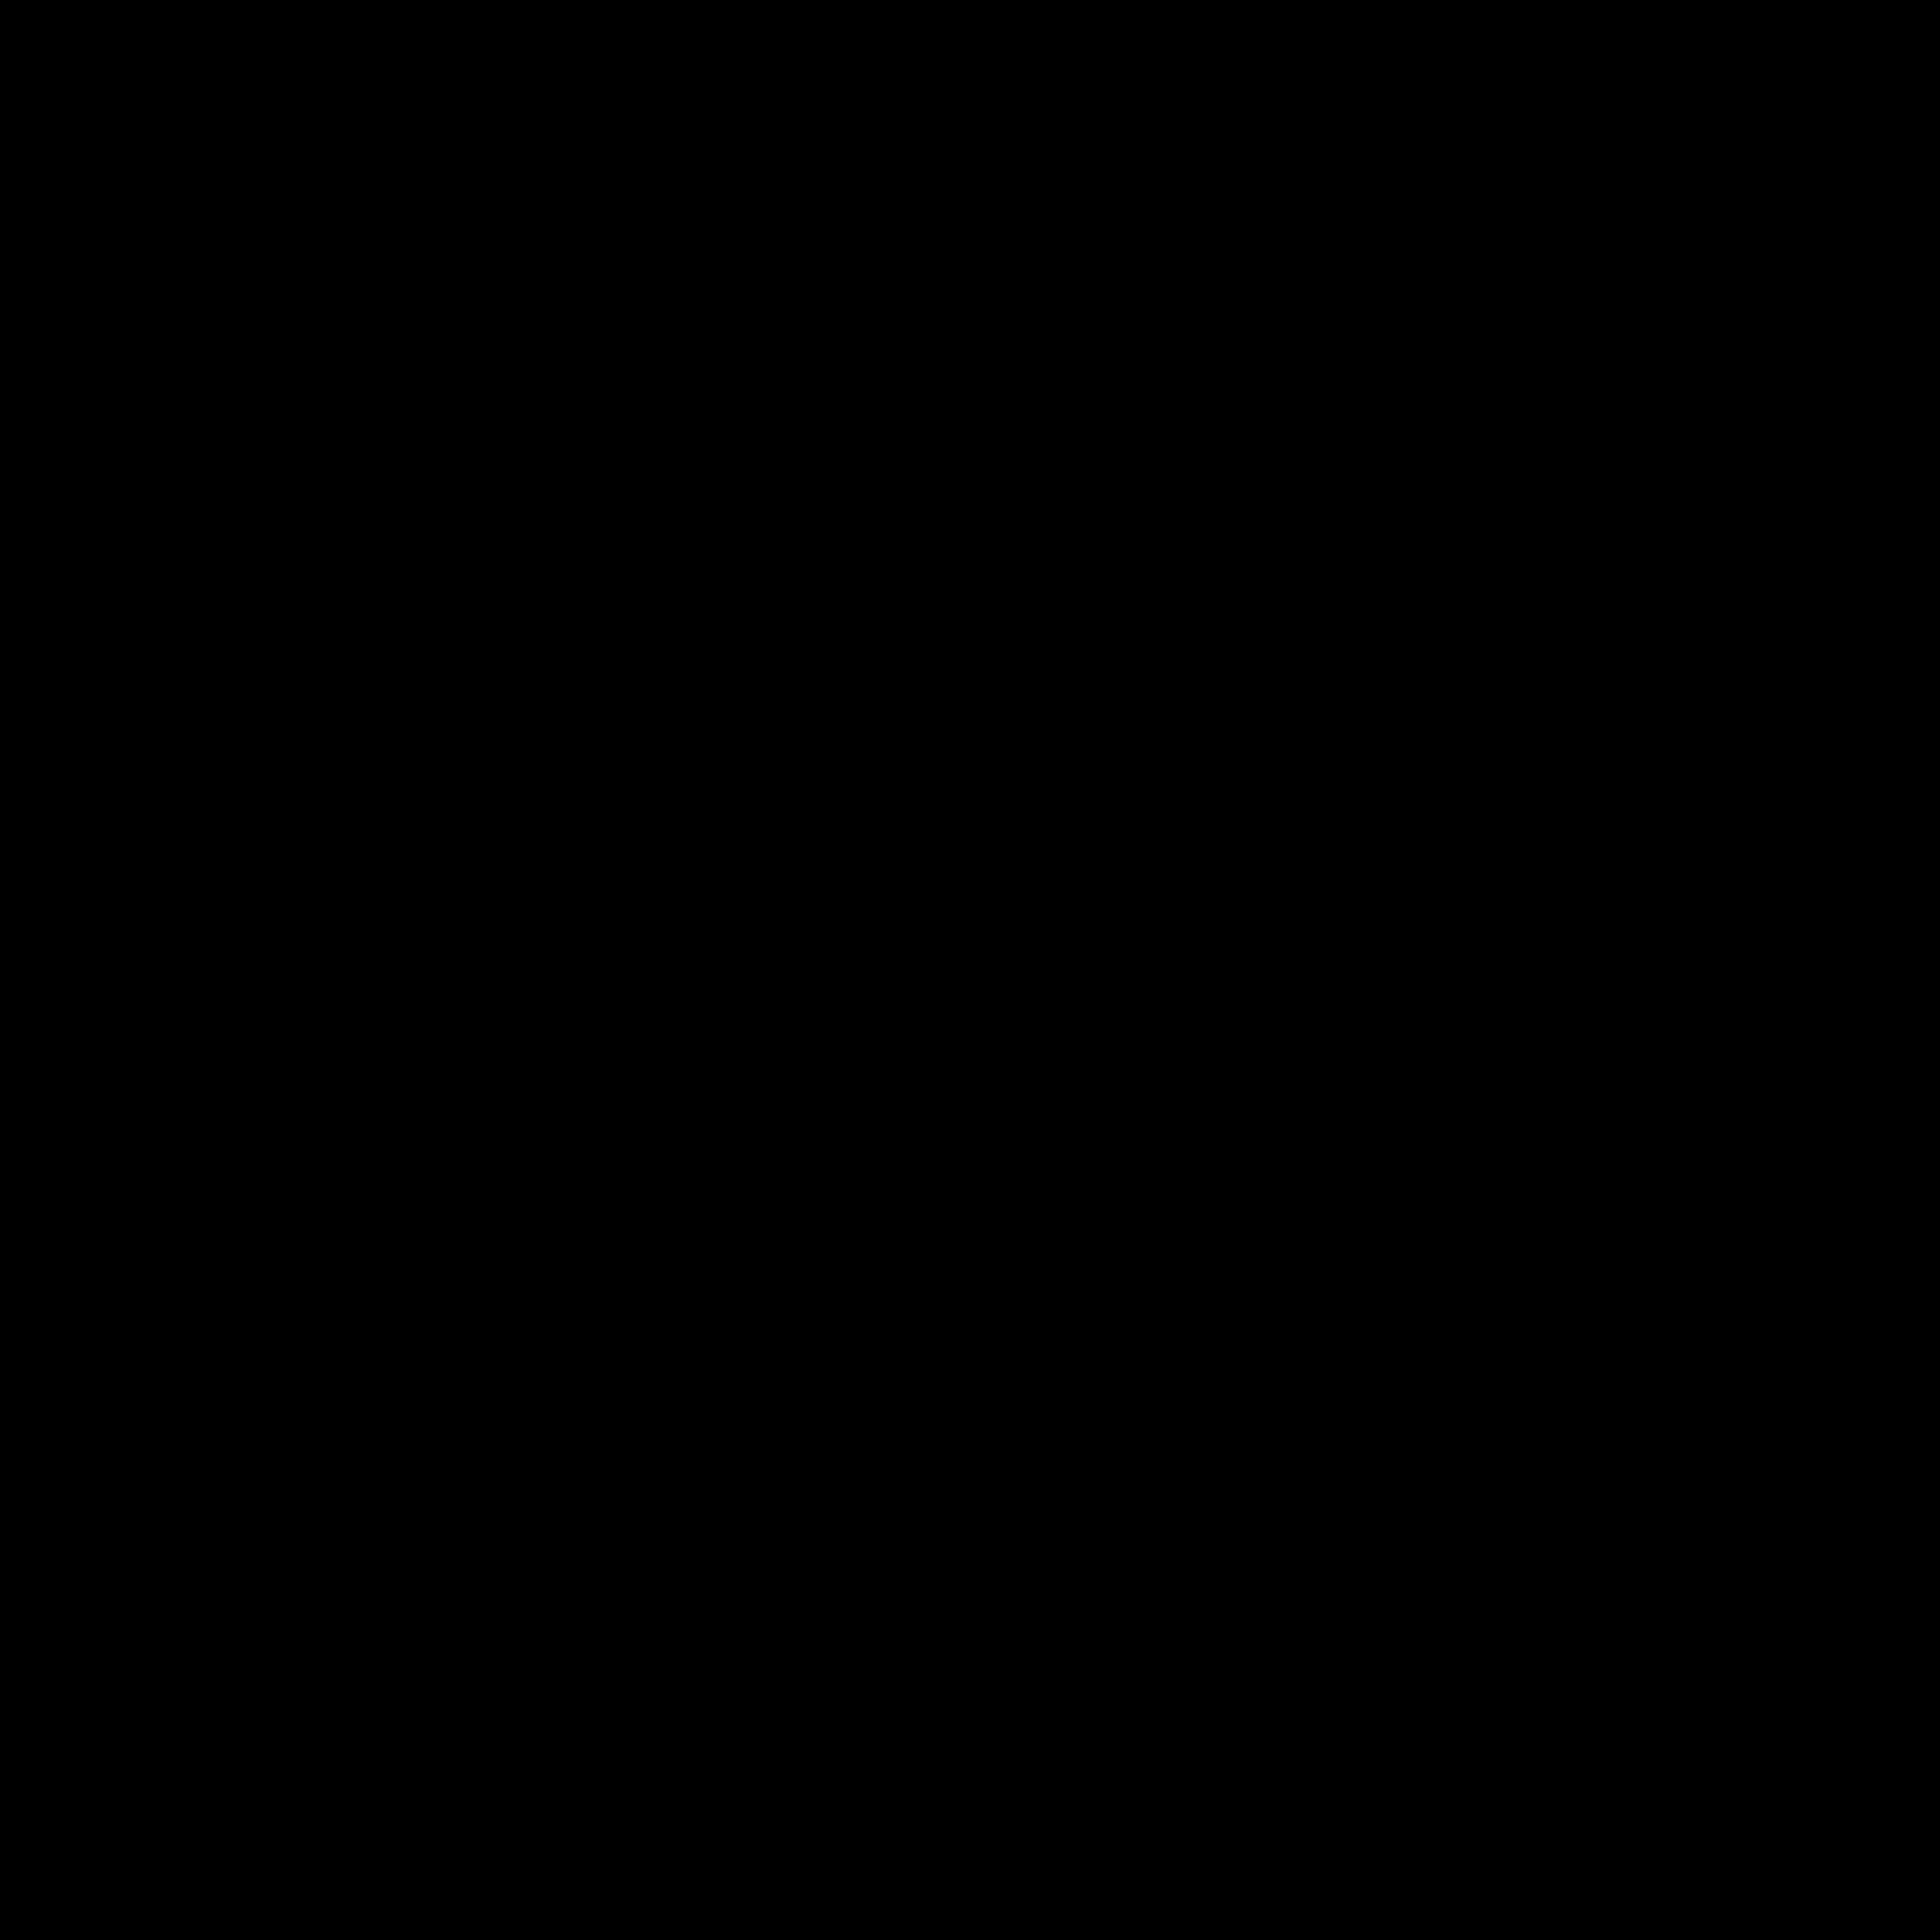 Steeringwheel Png Steering Wheel Wheel Clip Art